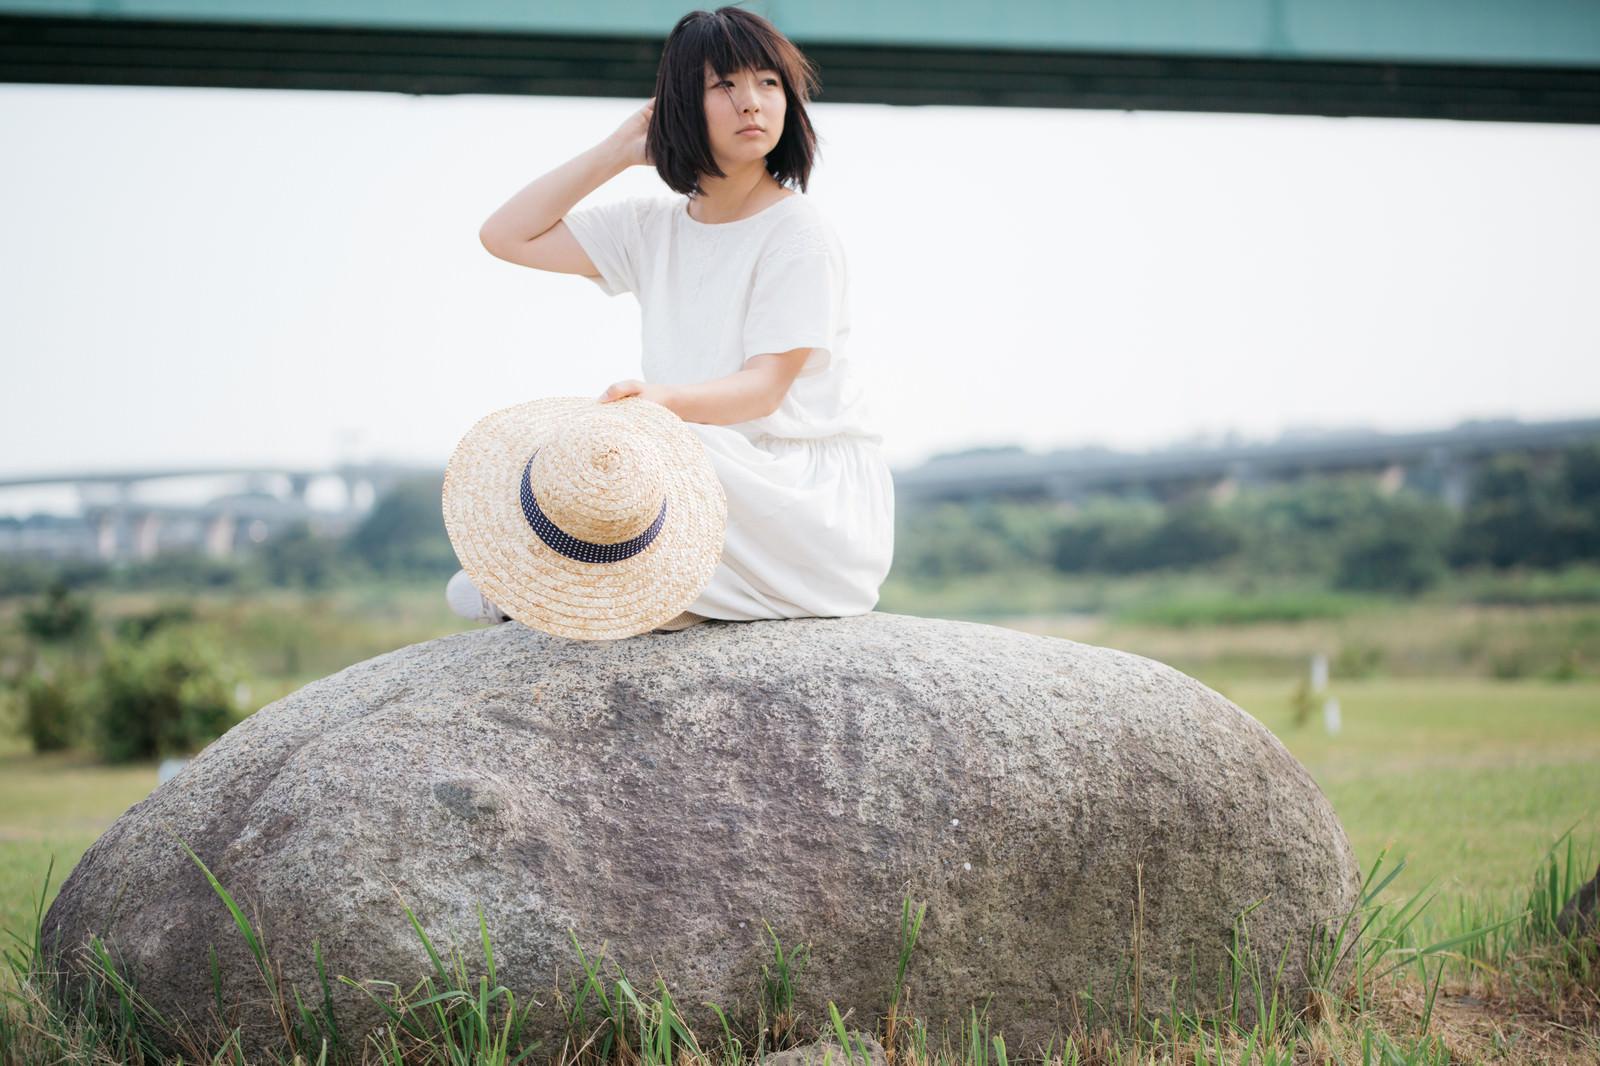 「石の上で辺を見回す麦わら女子」の写真[モデル:にゃるる]